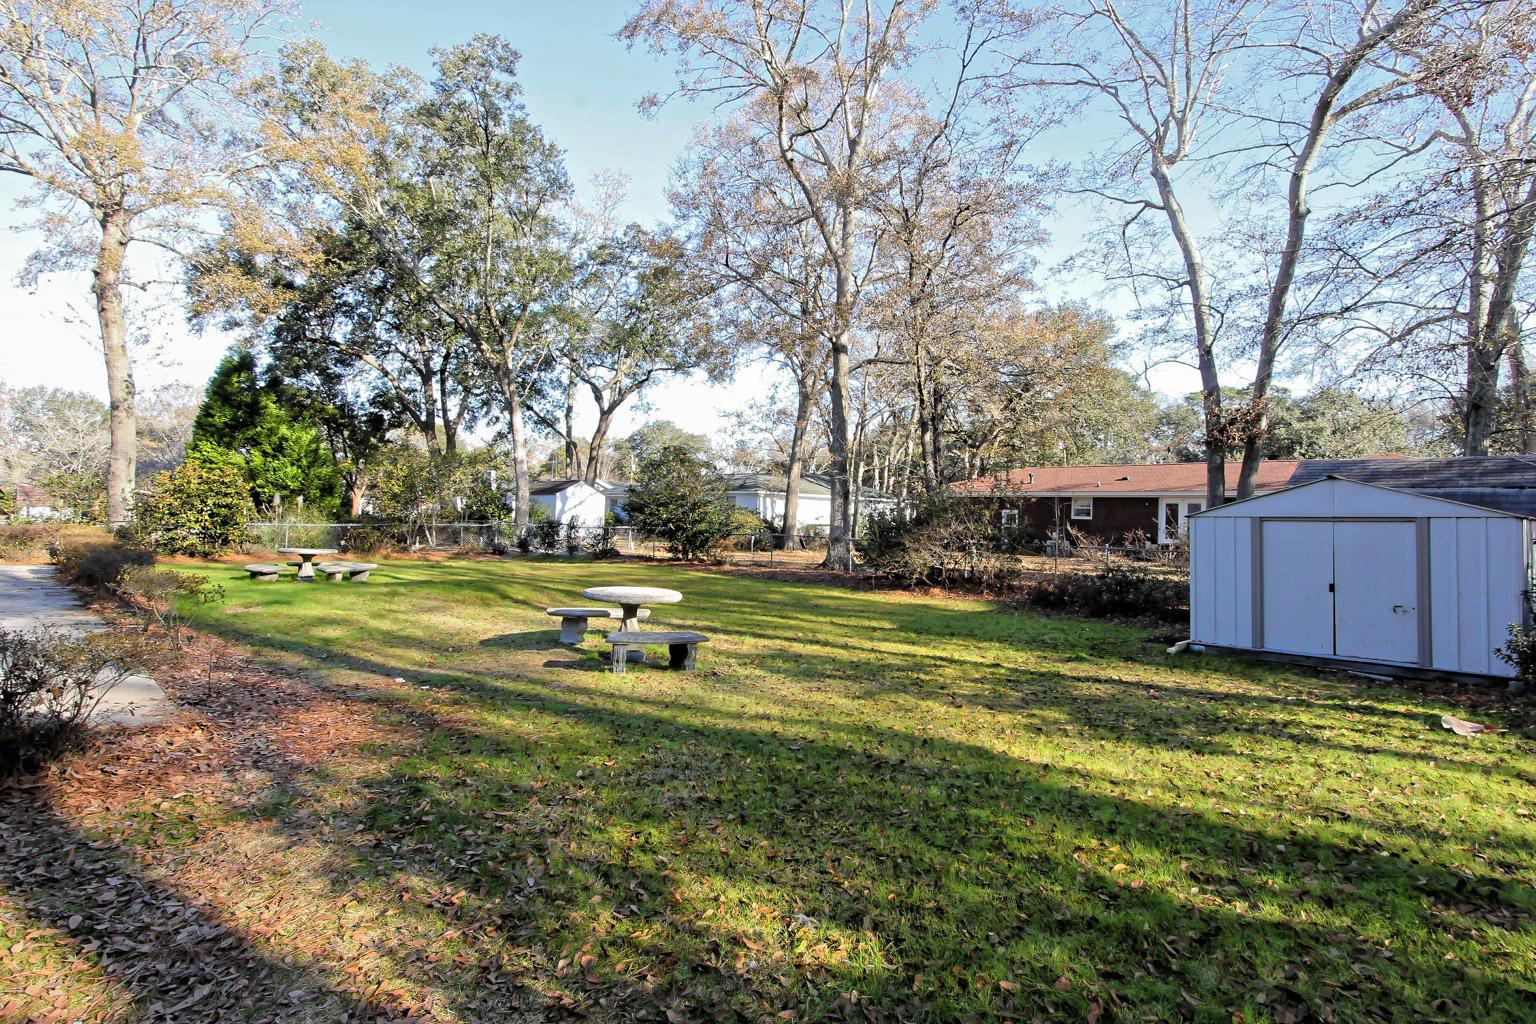 Photo of 24 Shrewsbury Rd, Charleston, SC 29407